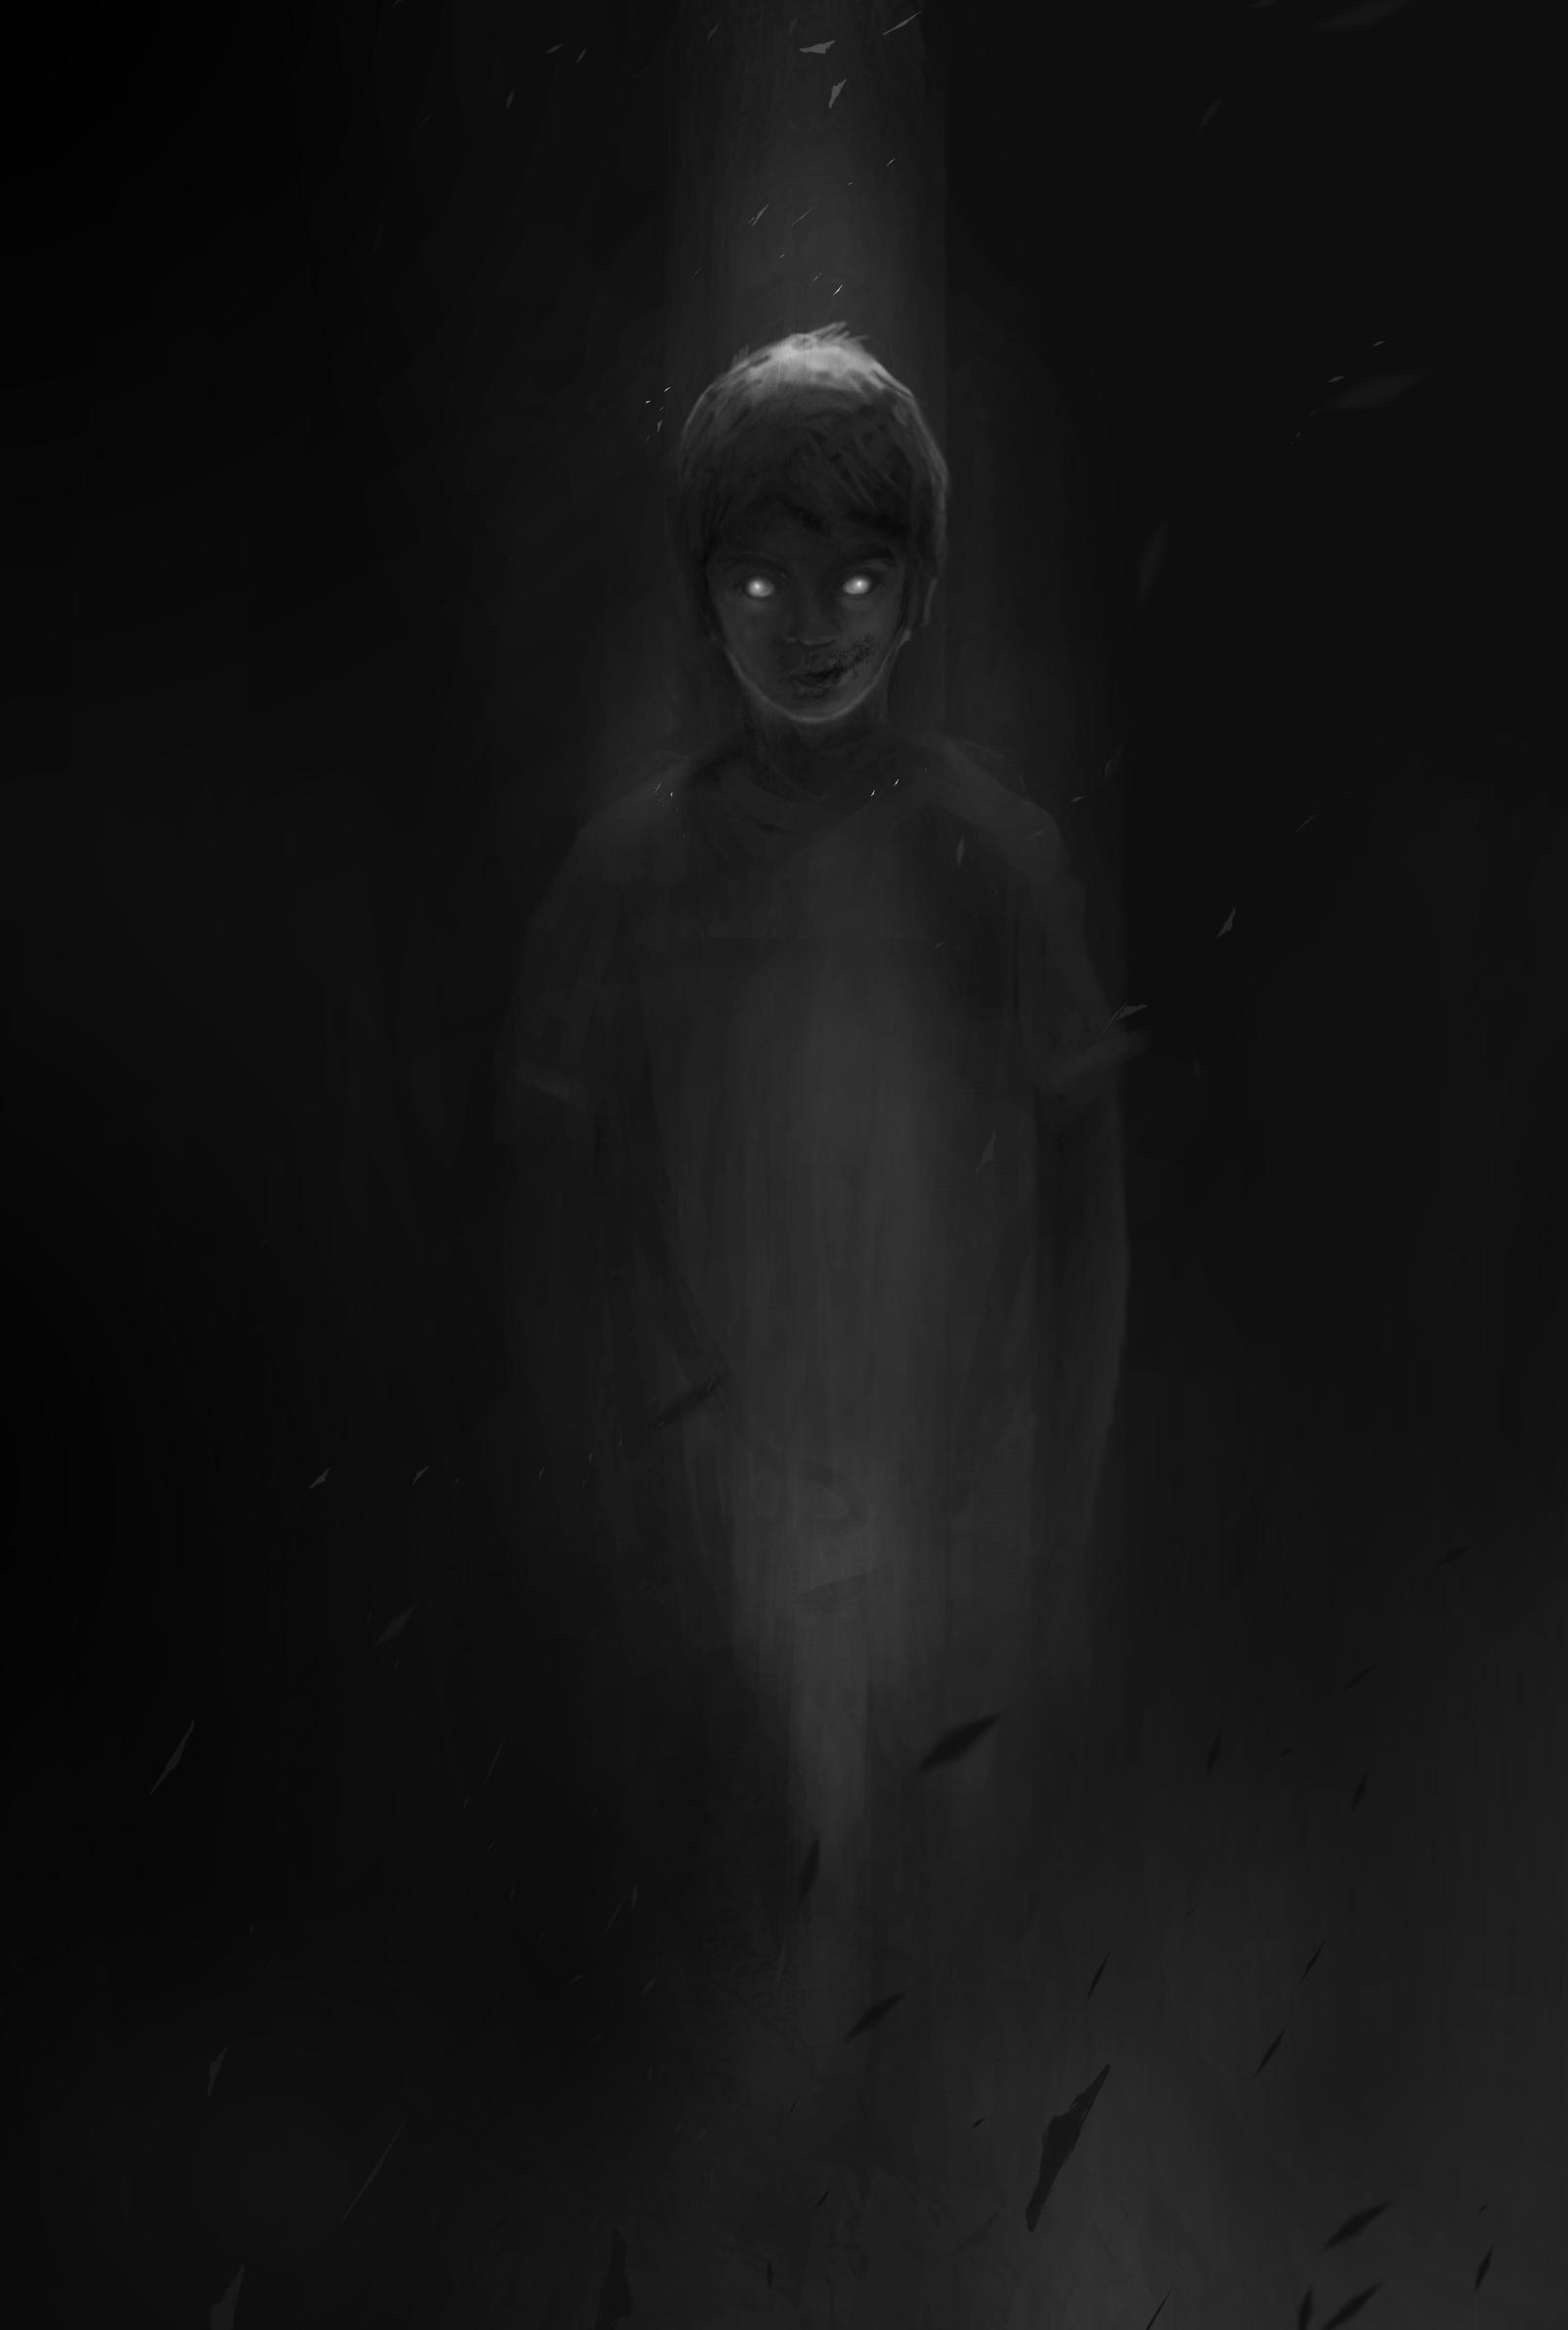 Kiddo by Darkcloud013